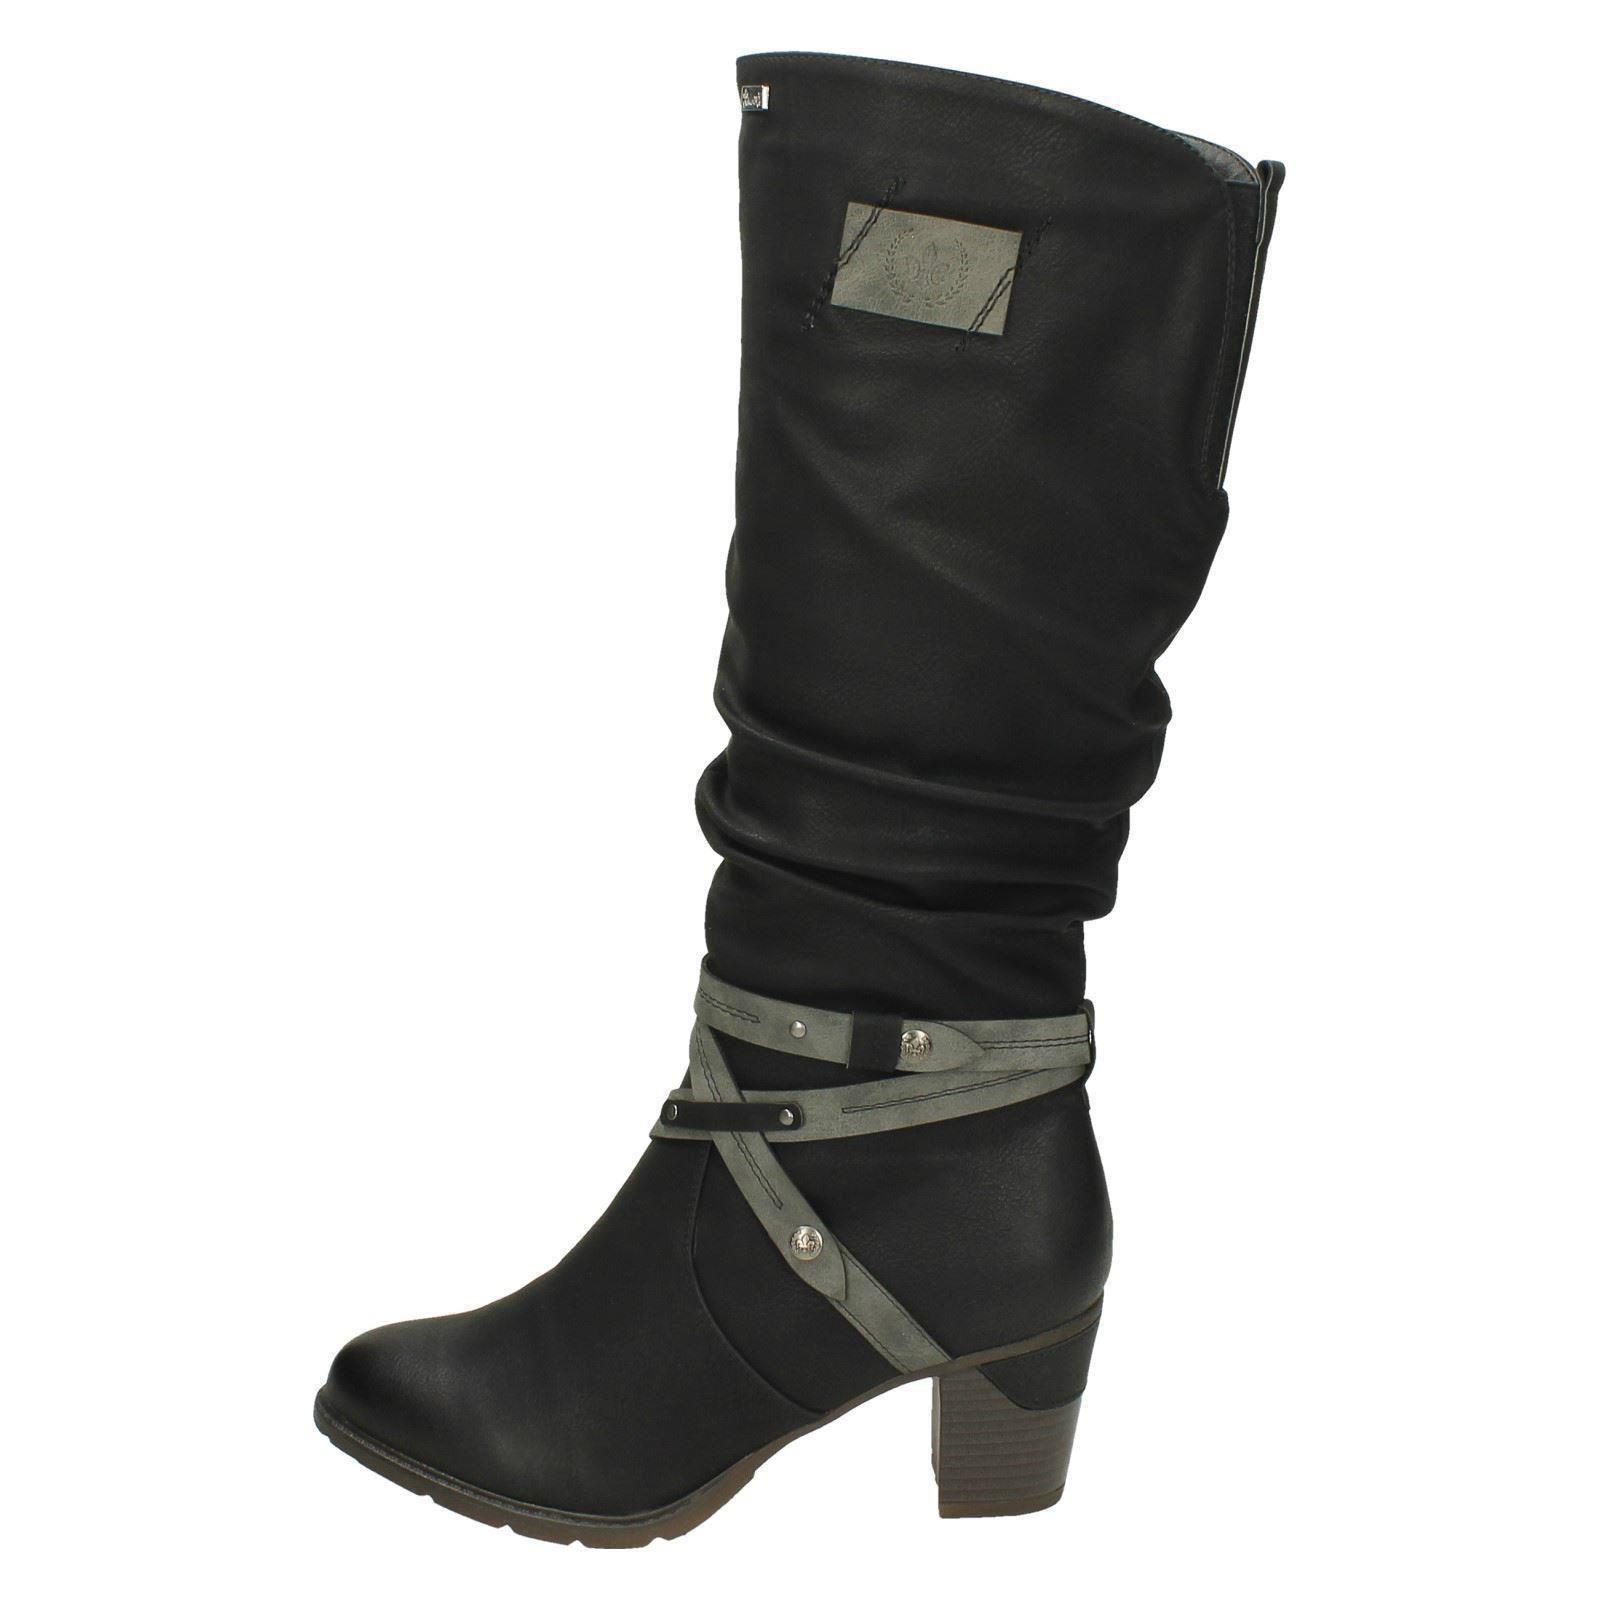 Damas Rieker warmlined la rodilla Botas altas * 96054 *